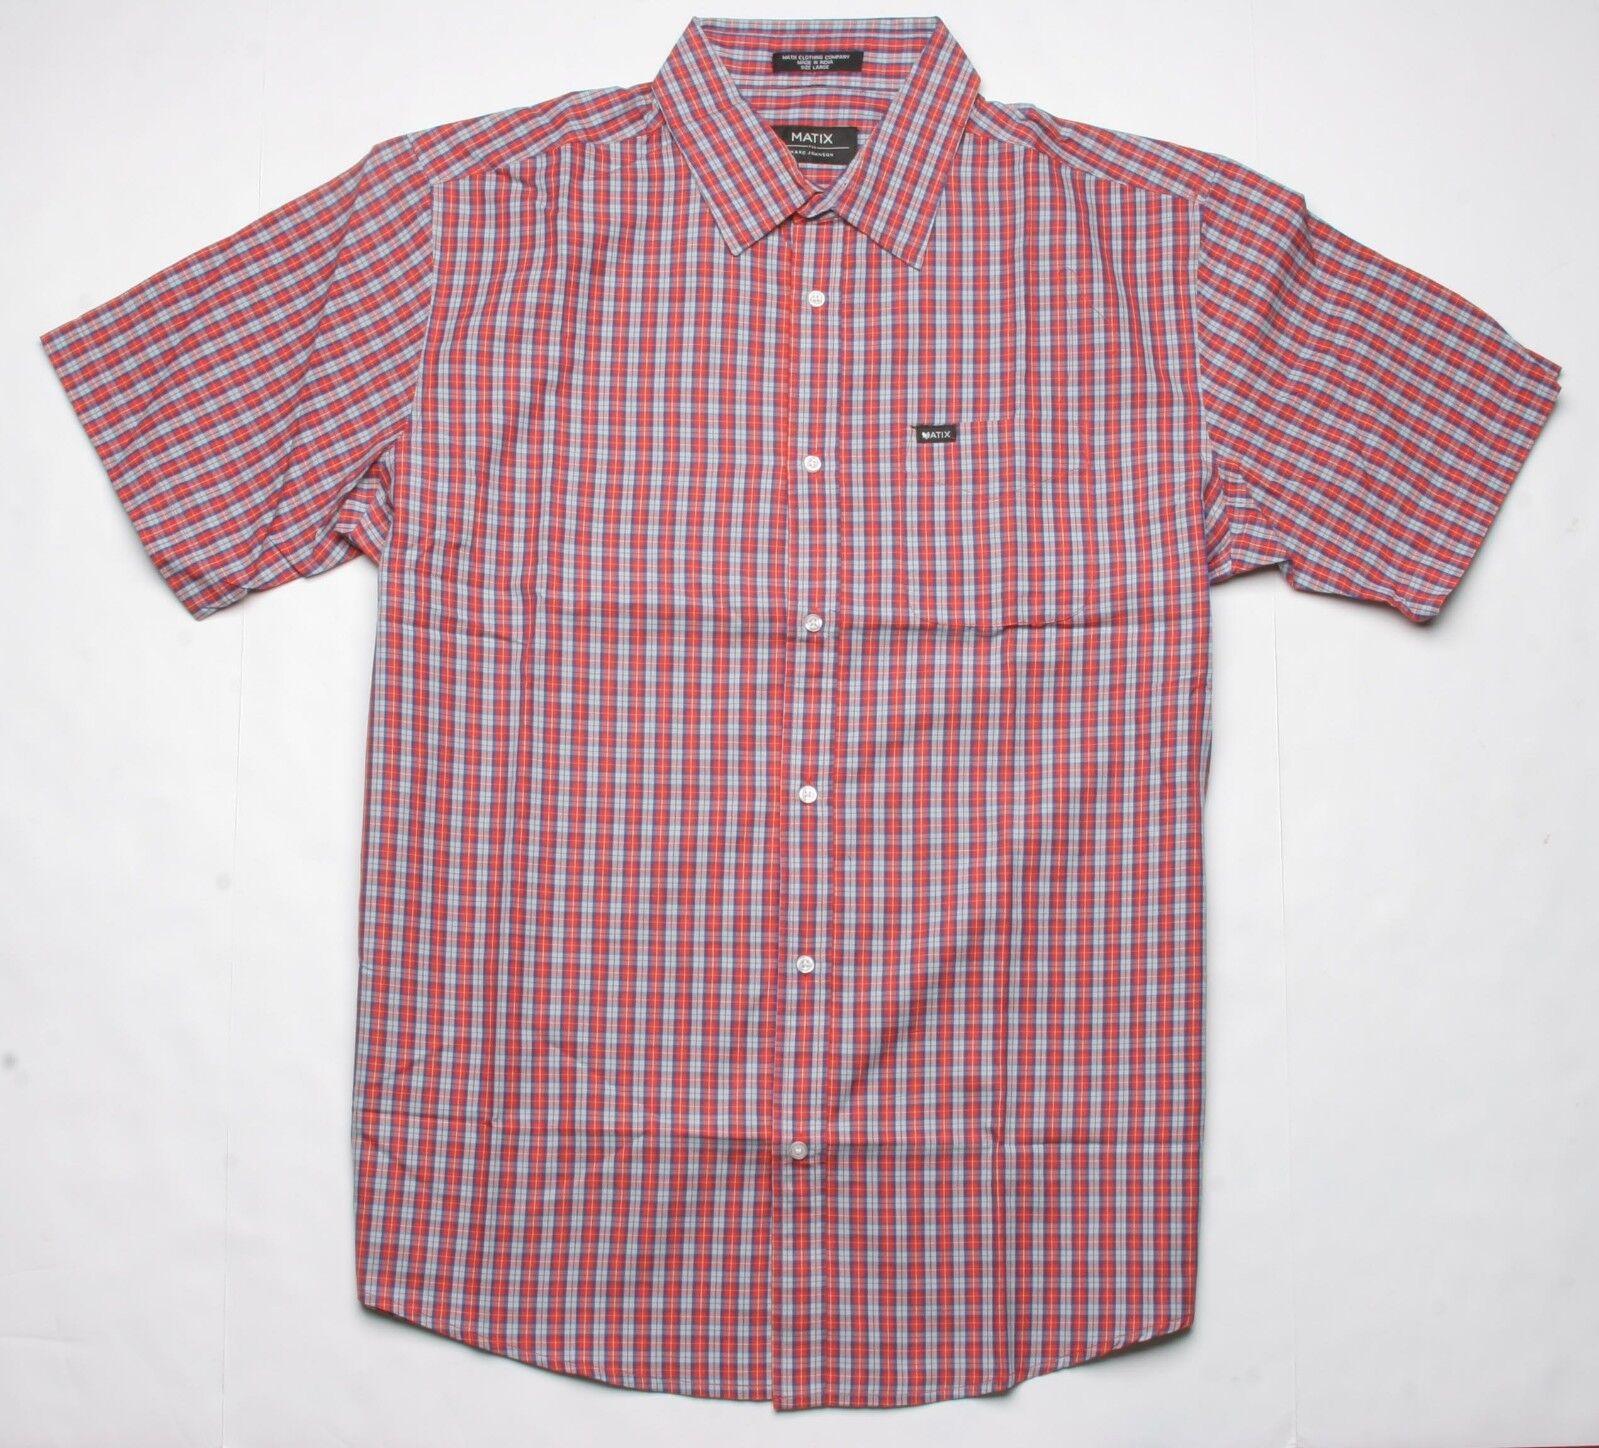 MATIX Strata SS Woven Shirt (L) Red